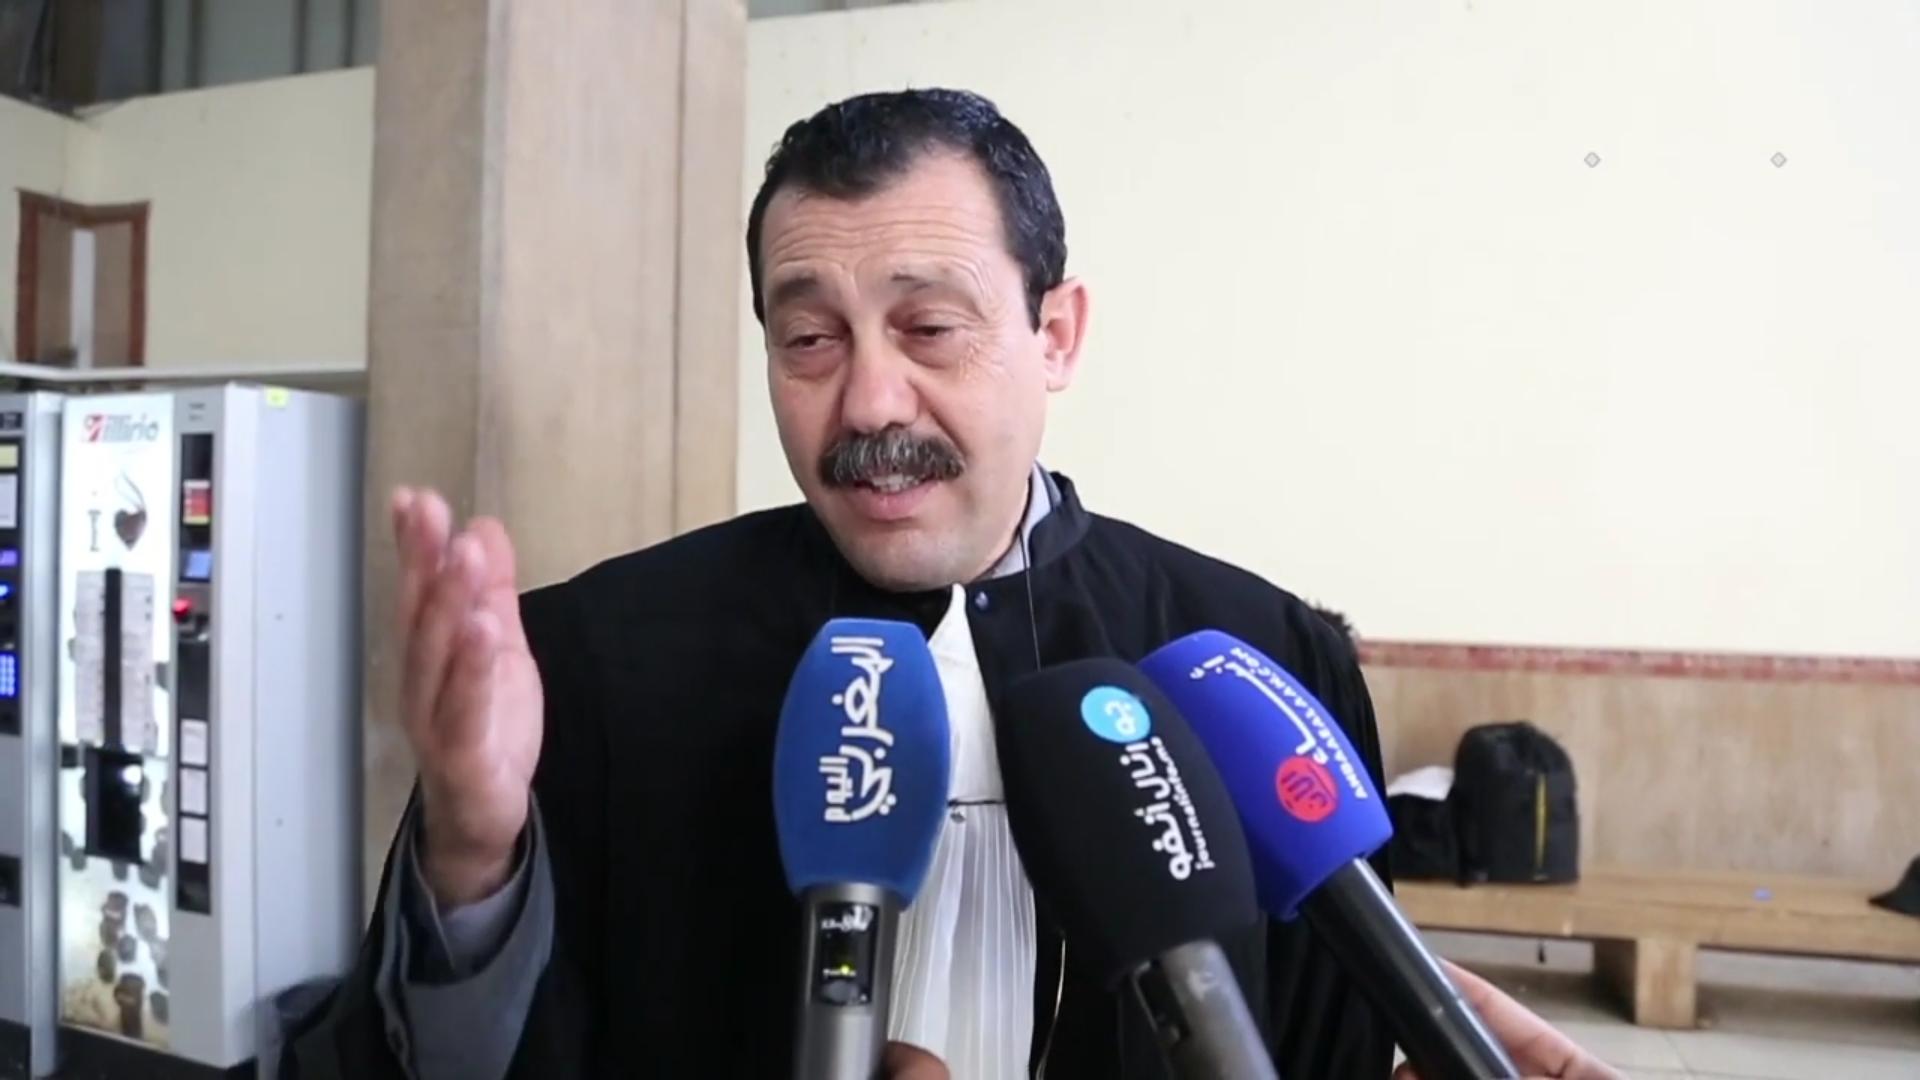 بالفيديو… المحامي حاجي يكشف مهندسي القرار الأممي في ملف توفيق بوعشرين